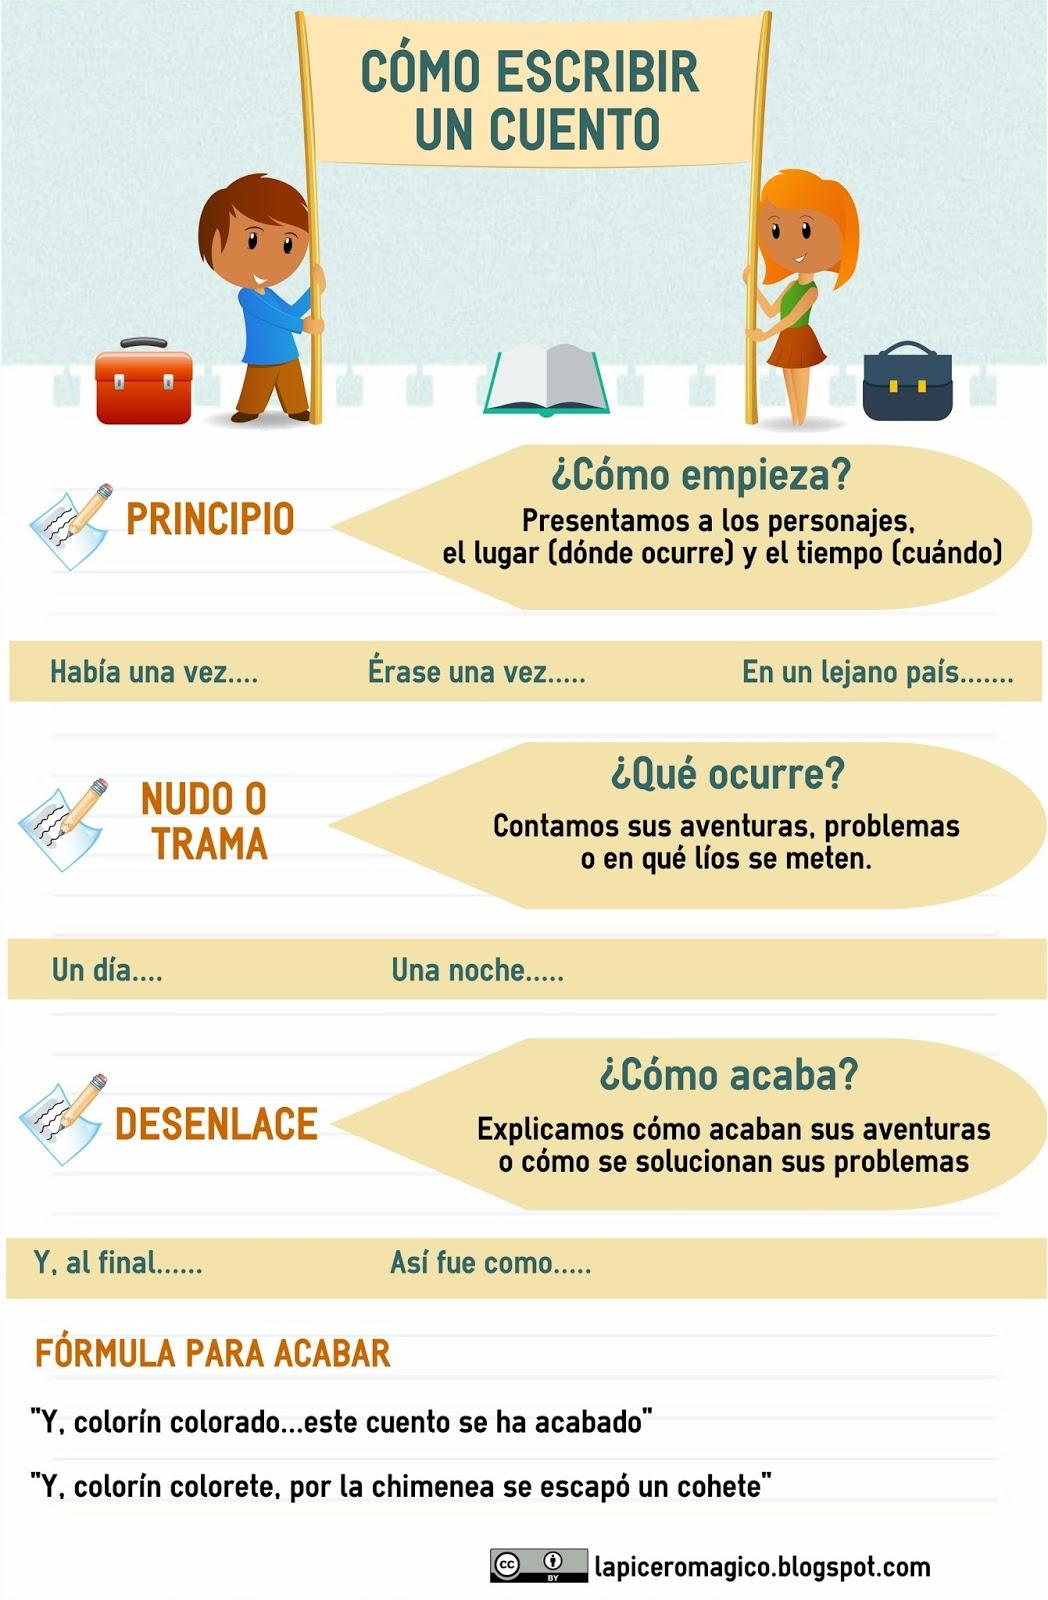 Cómo escribir un cuento (Infografía)